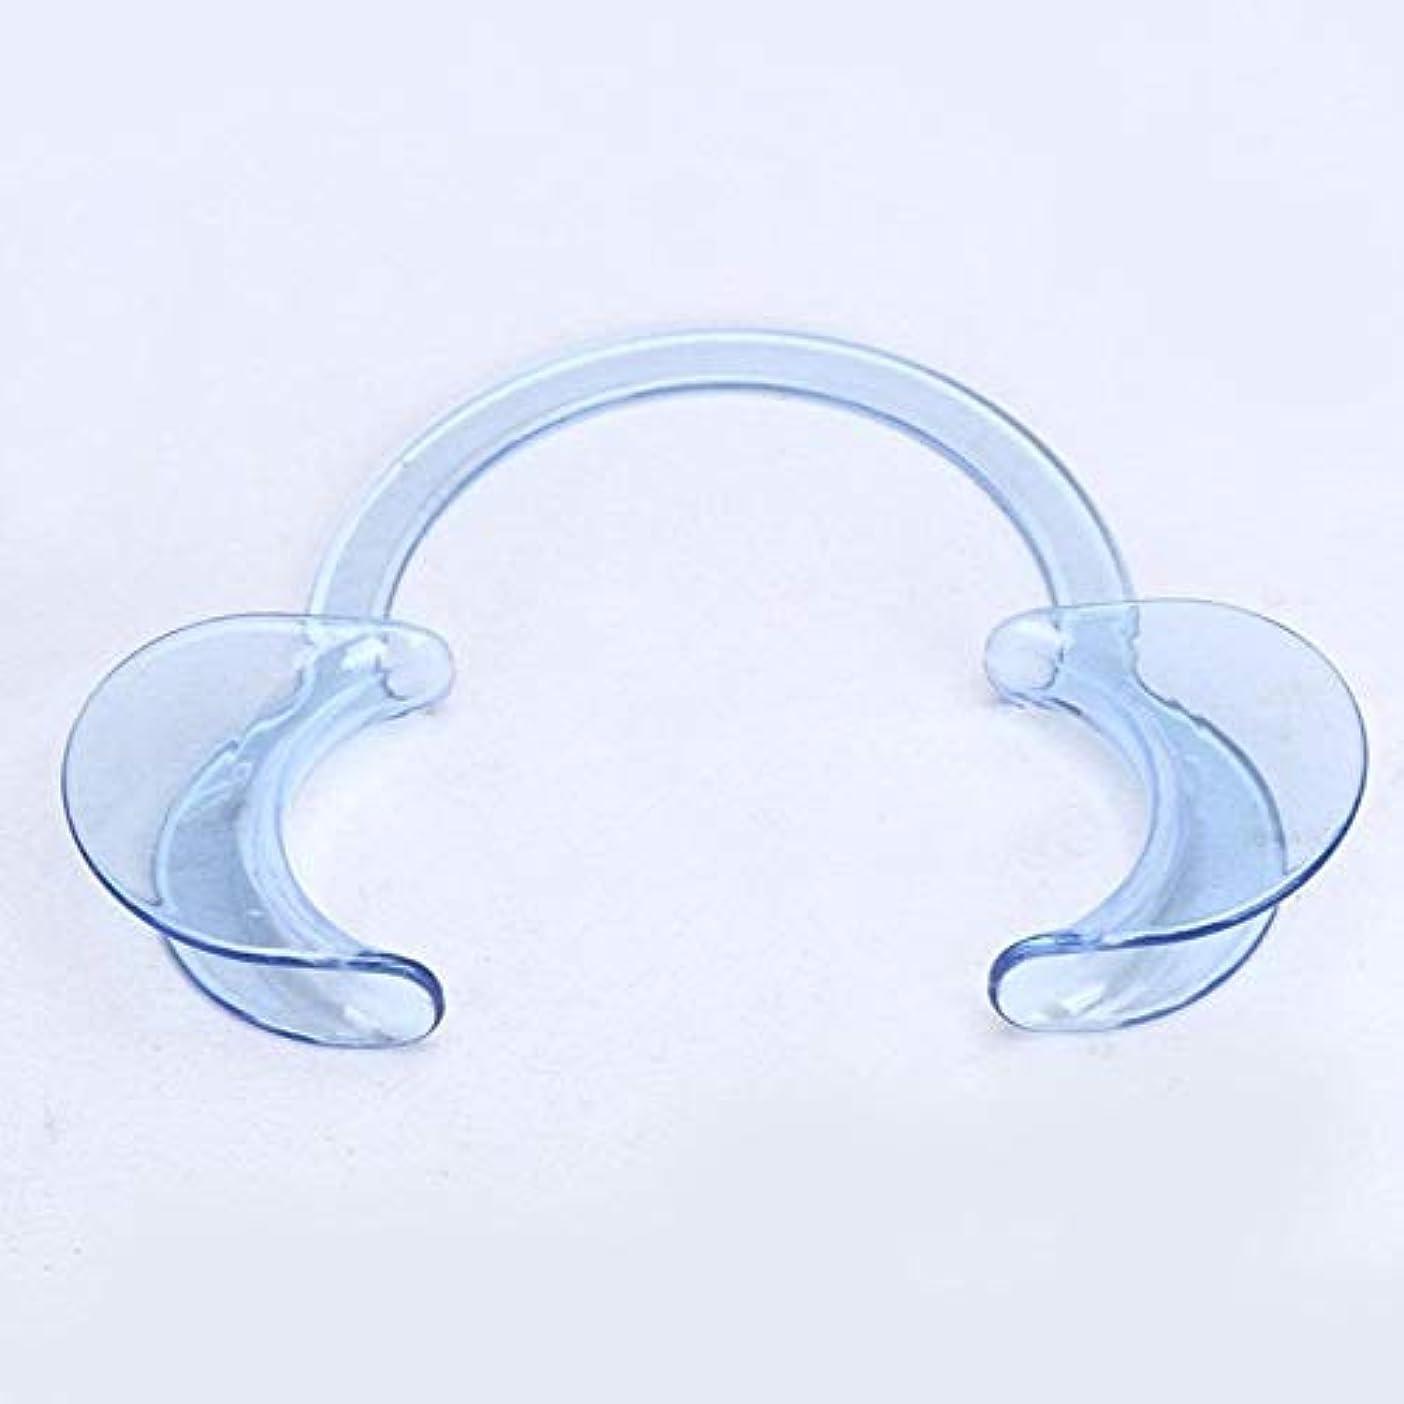 不条理宗教メモDC パック 歯科 C型 開口器 口オープナー マウスオープナー 開口マウスオープナー C型ホワイトニング口の開創器